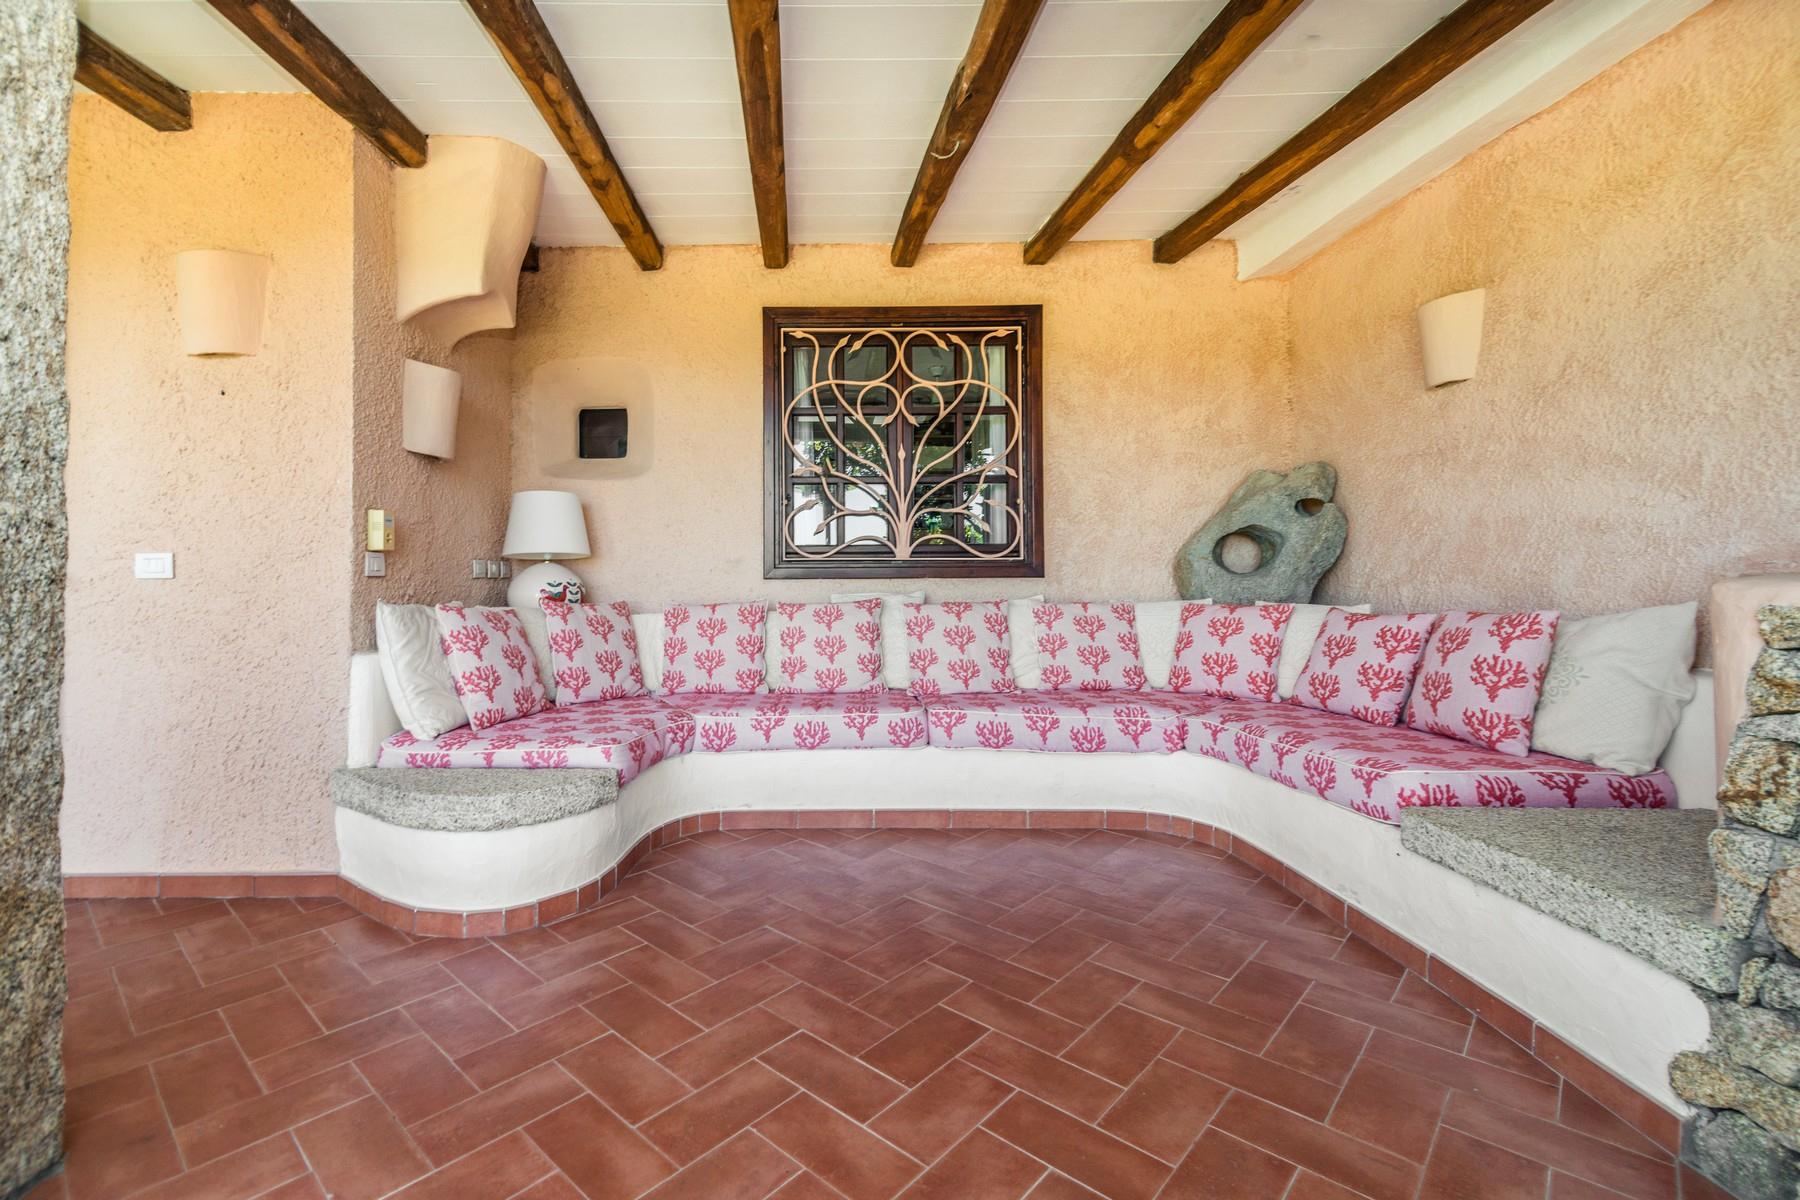 Casa indipendente in Vendita a Arzachena: 4 locali, 60 mq - Foto 4